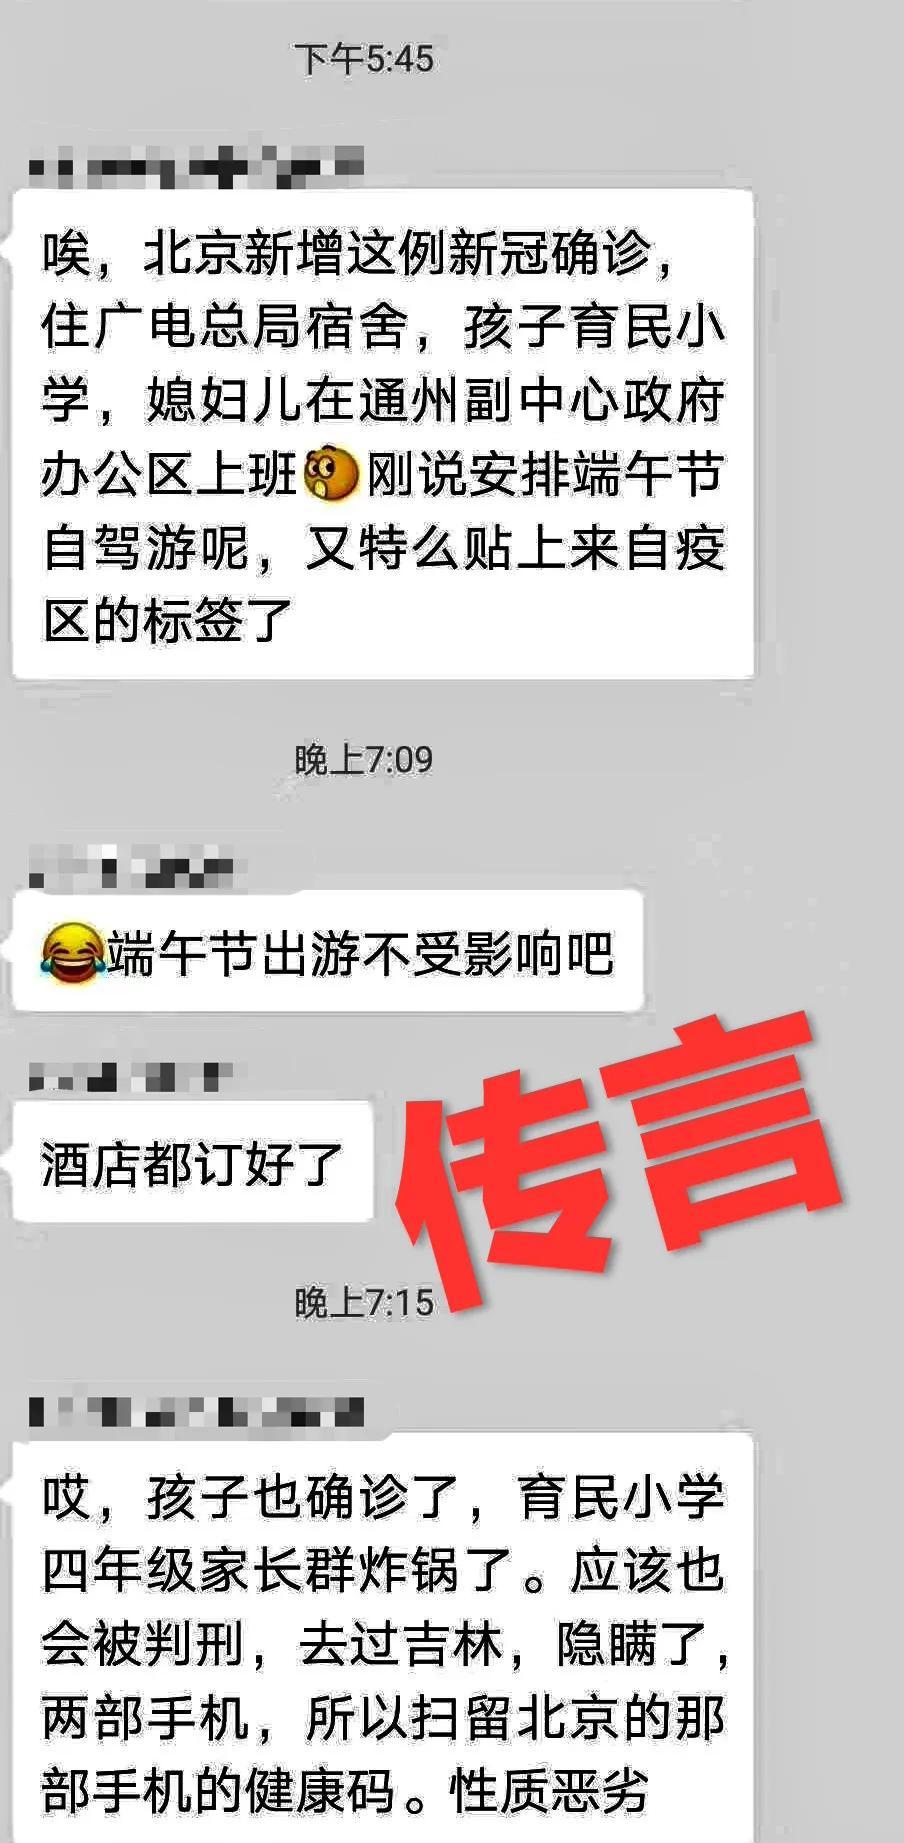 「摩天招商」城区长孙硕昨摩天招商天发了一条图片